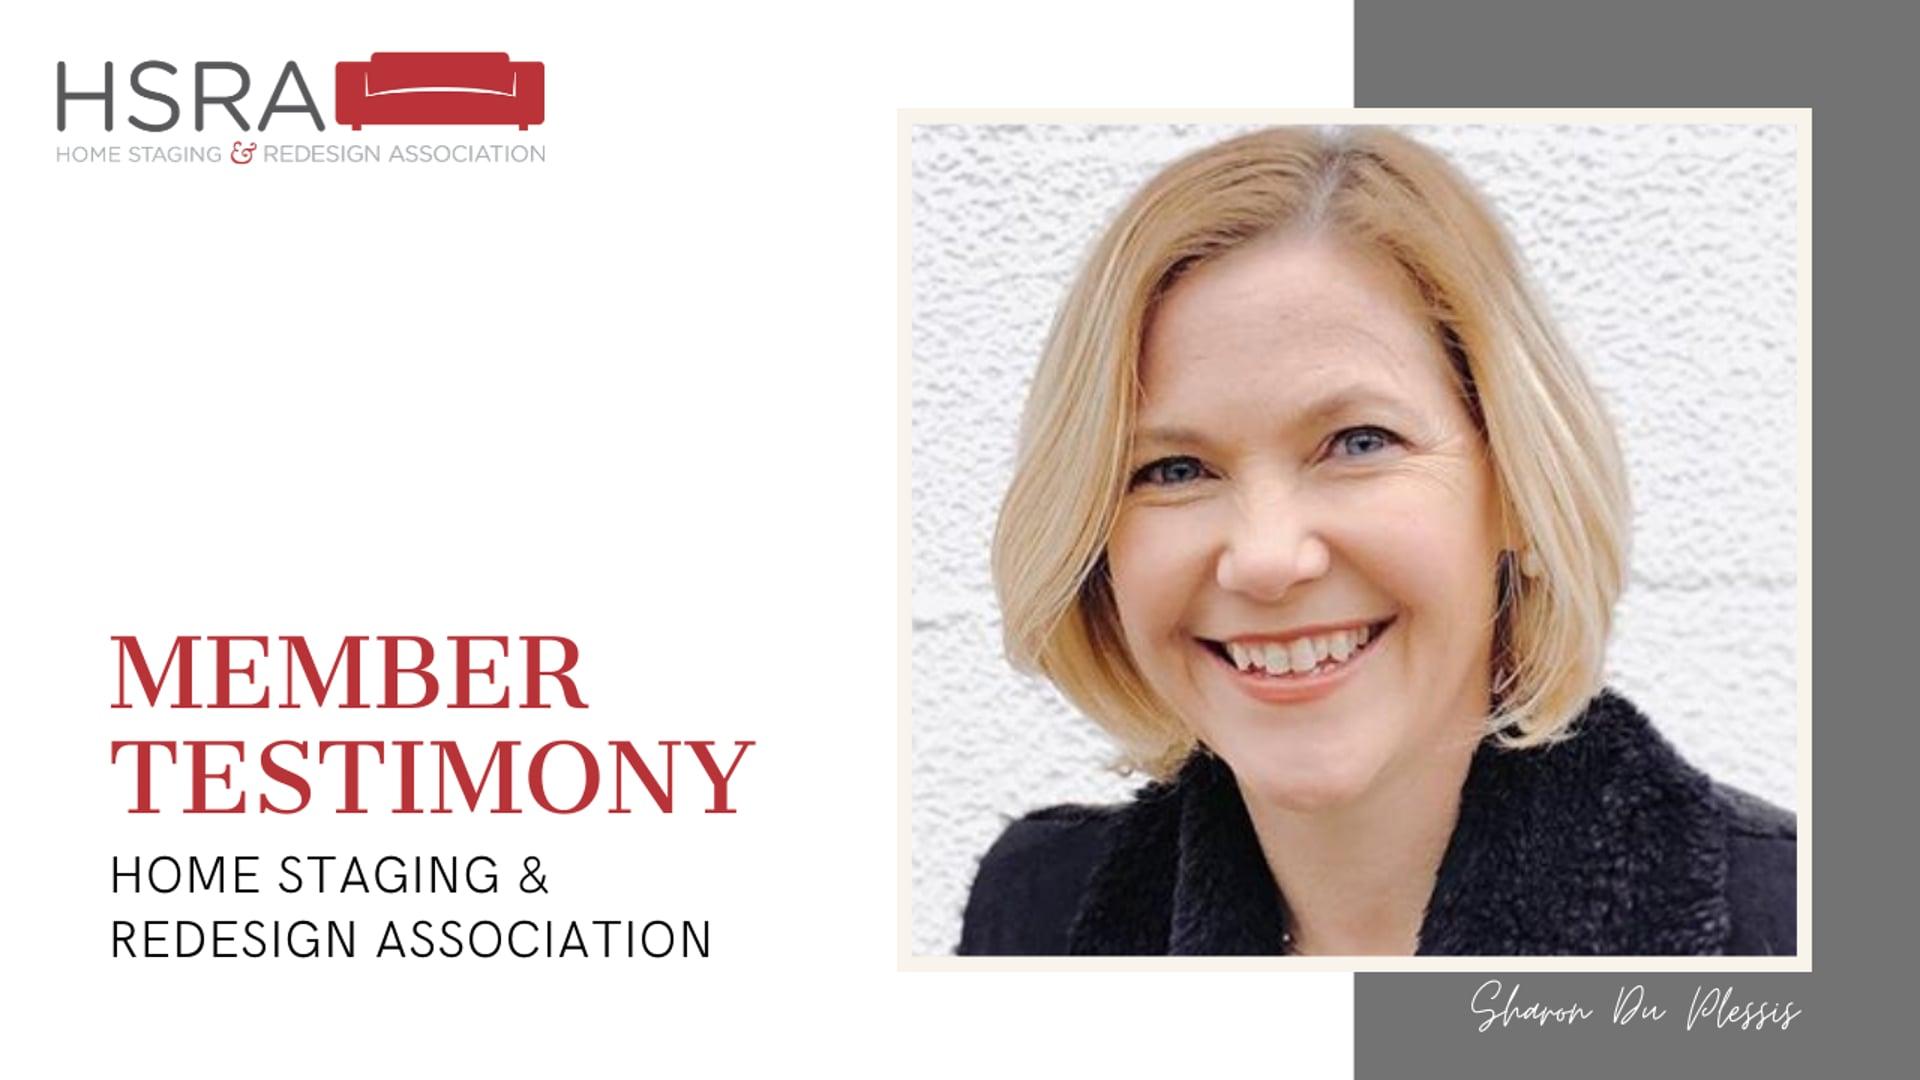 HSRA Member Testimony 2020 Sharon Du Plessis